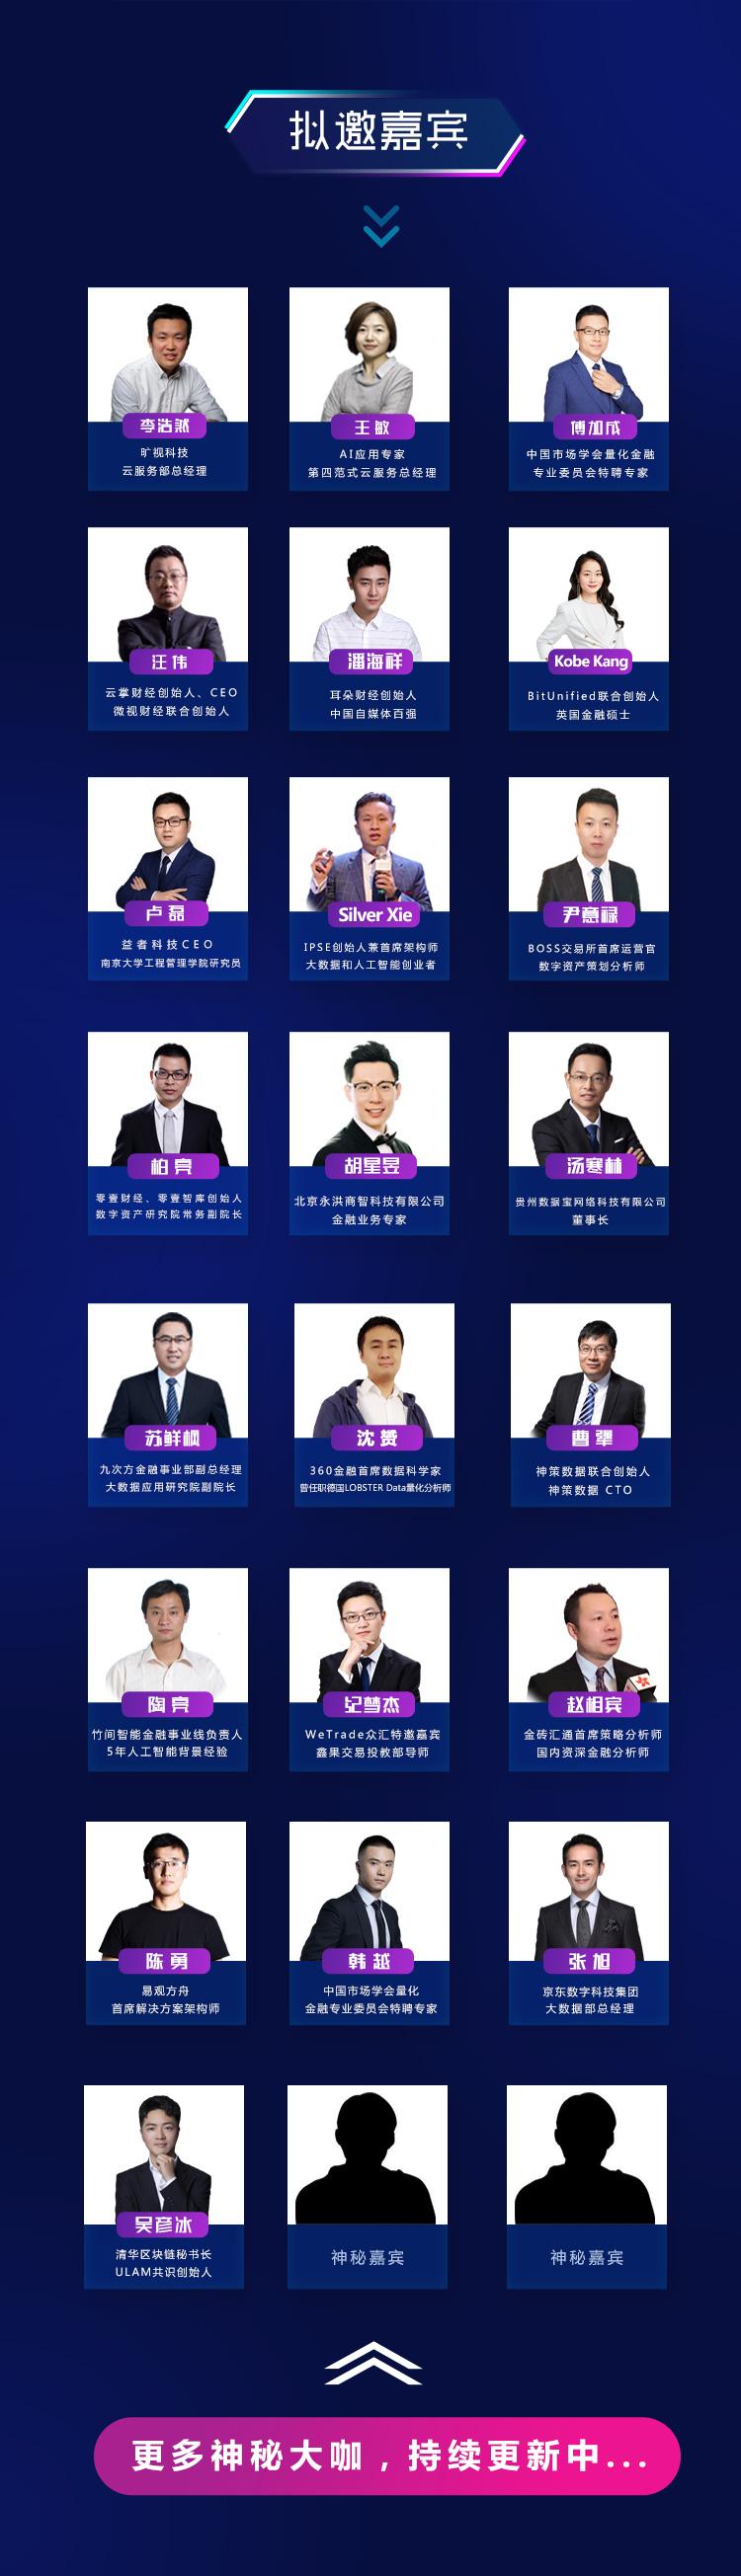 2019 金融科技ABCD峰会(上海)